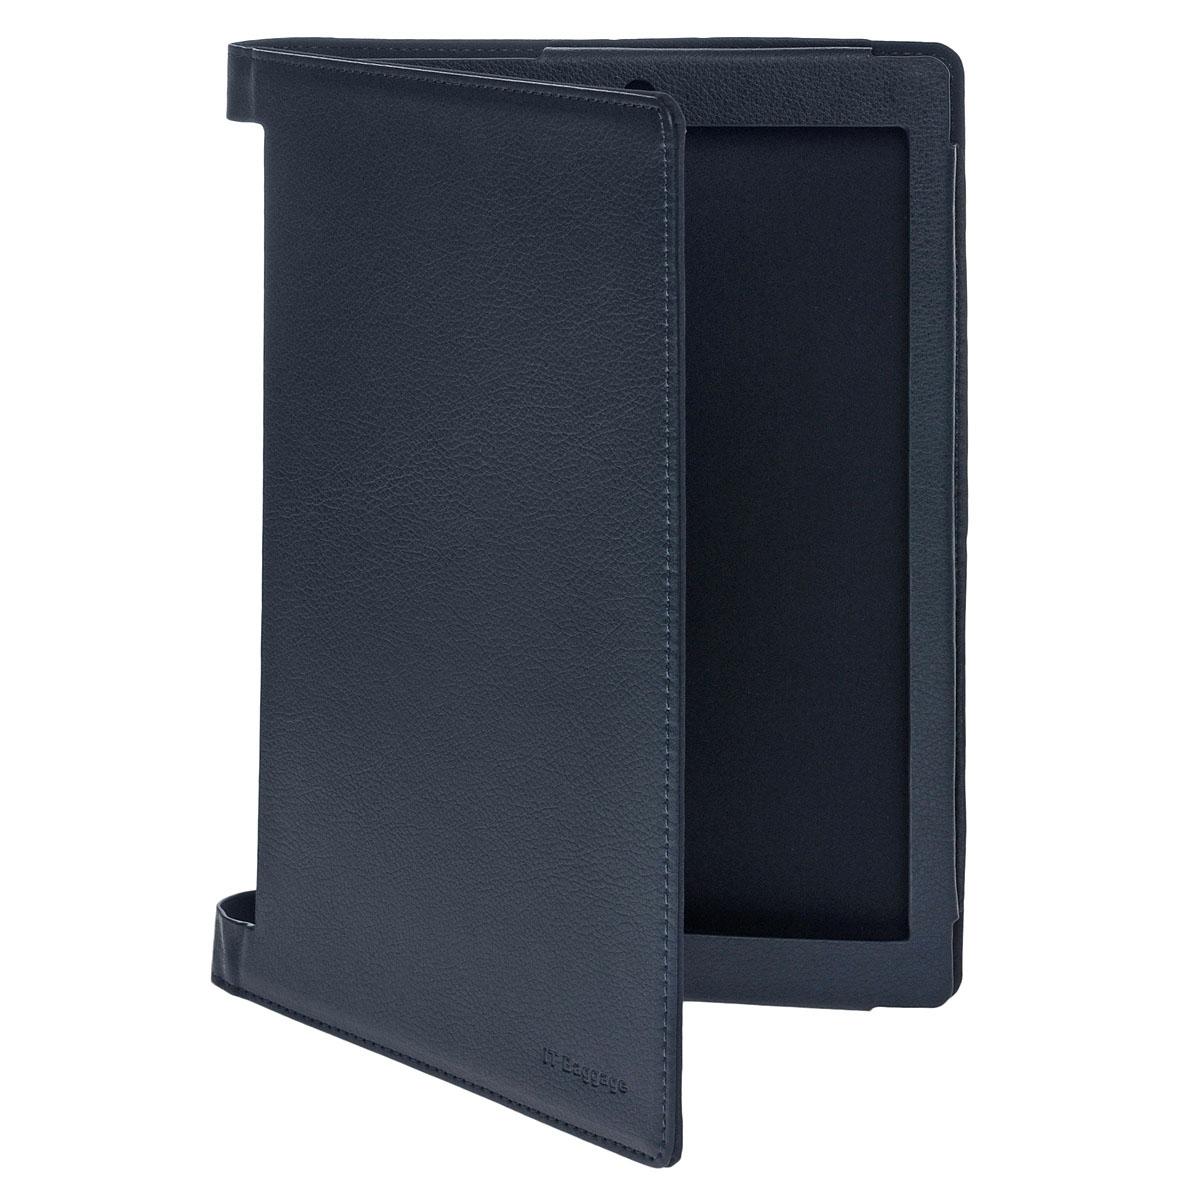 IT Baggage чехол для Lenovo Yoga Tablet 2 10, BlueITLNY210-4Чехол IT Baggage для Lenovo Yoga Tablet 2 10 - это стильный и лаконичный аксессуар, позволяющий сохранить планшет в идеальном состоянии. Он имеет свободный доступ ко всем разъемам устройства, и в то же время надежно удерживает технику, а обложка защищает корпус и дисплей от появления царапин, налипания пыли. Также чехол можно использовать как подставку для чтения или просмотра фильмов.